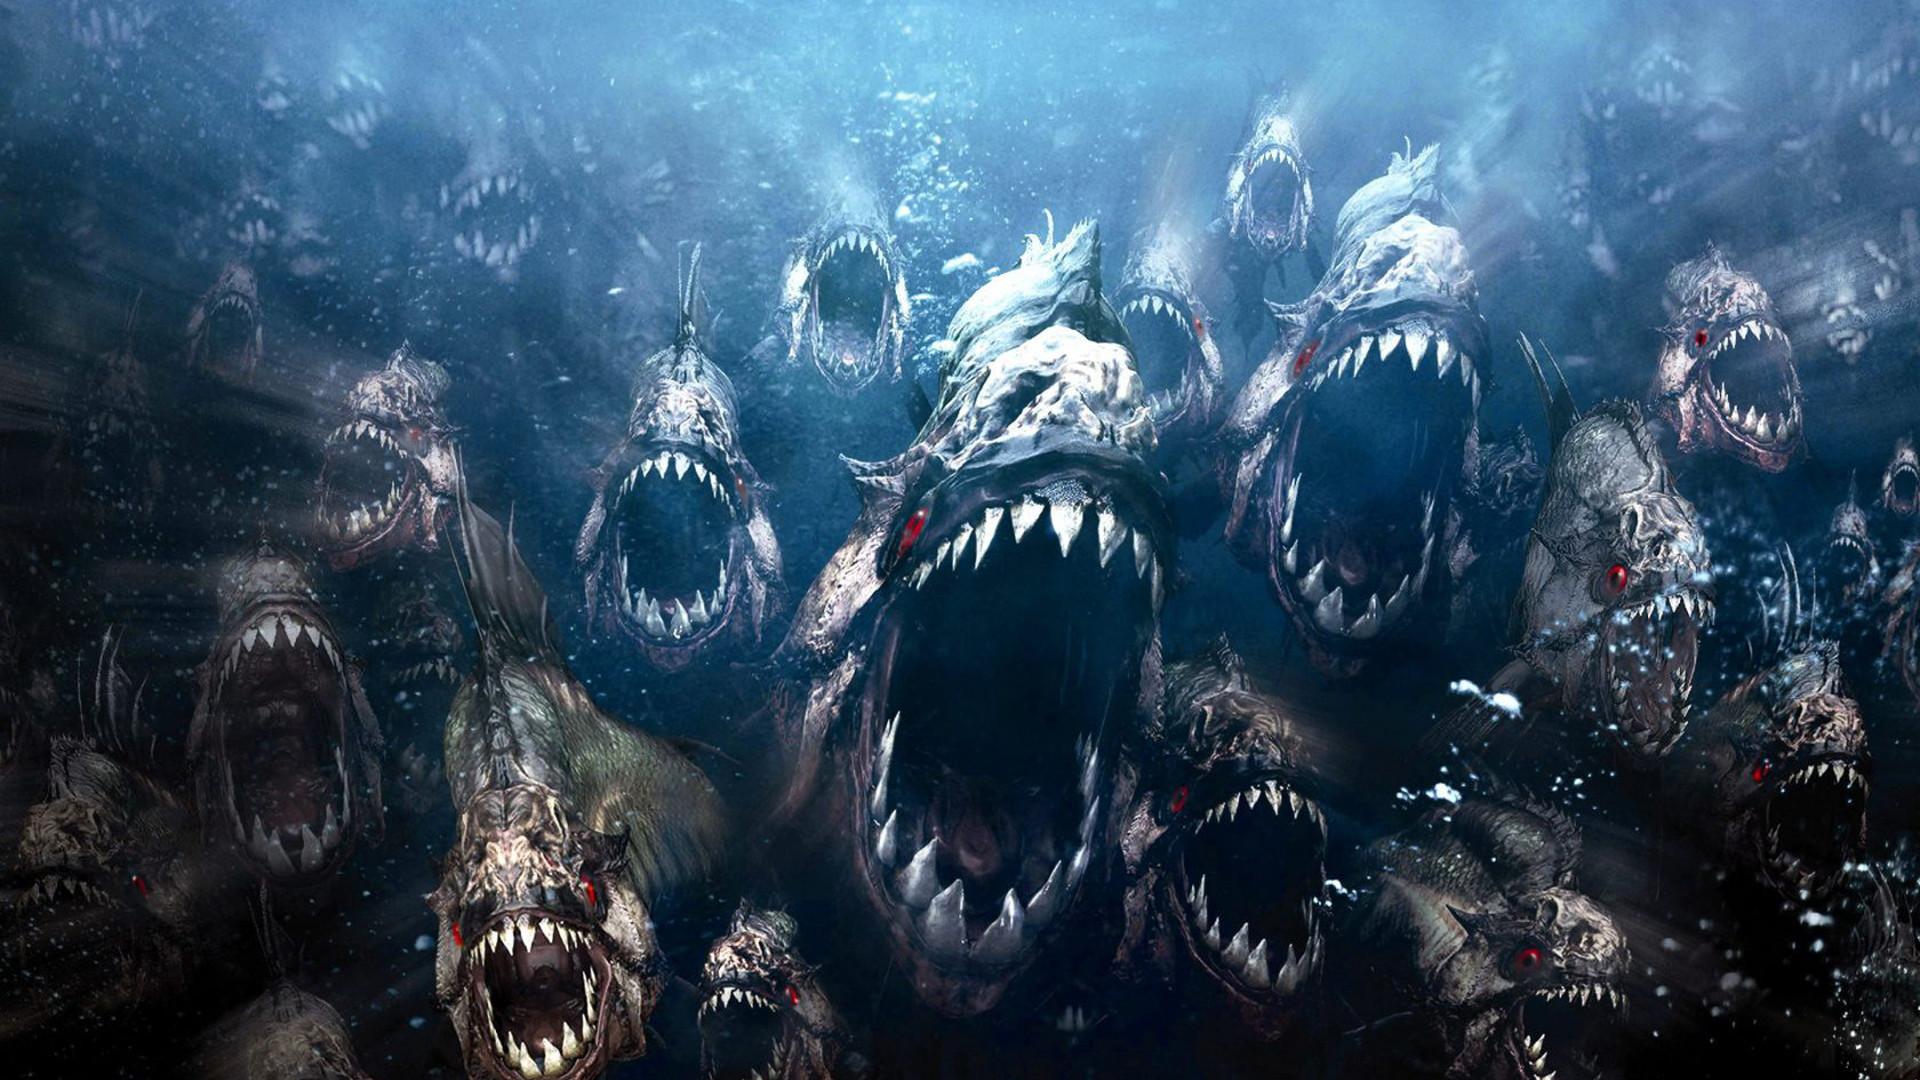 Piranha Killer HD Wallpaper